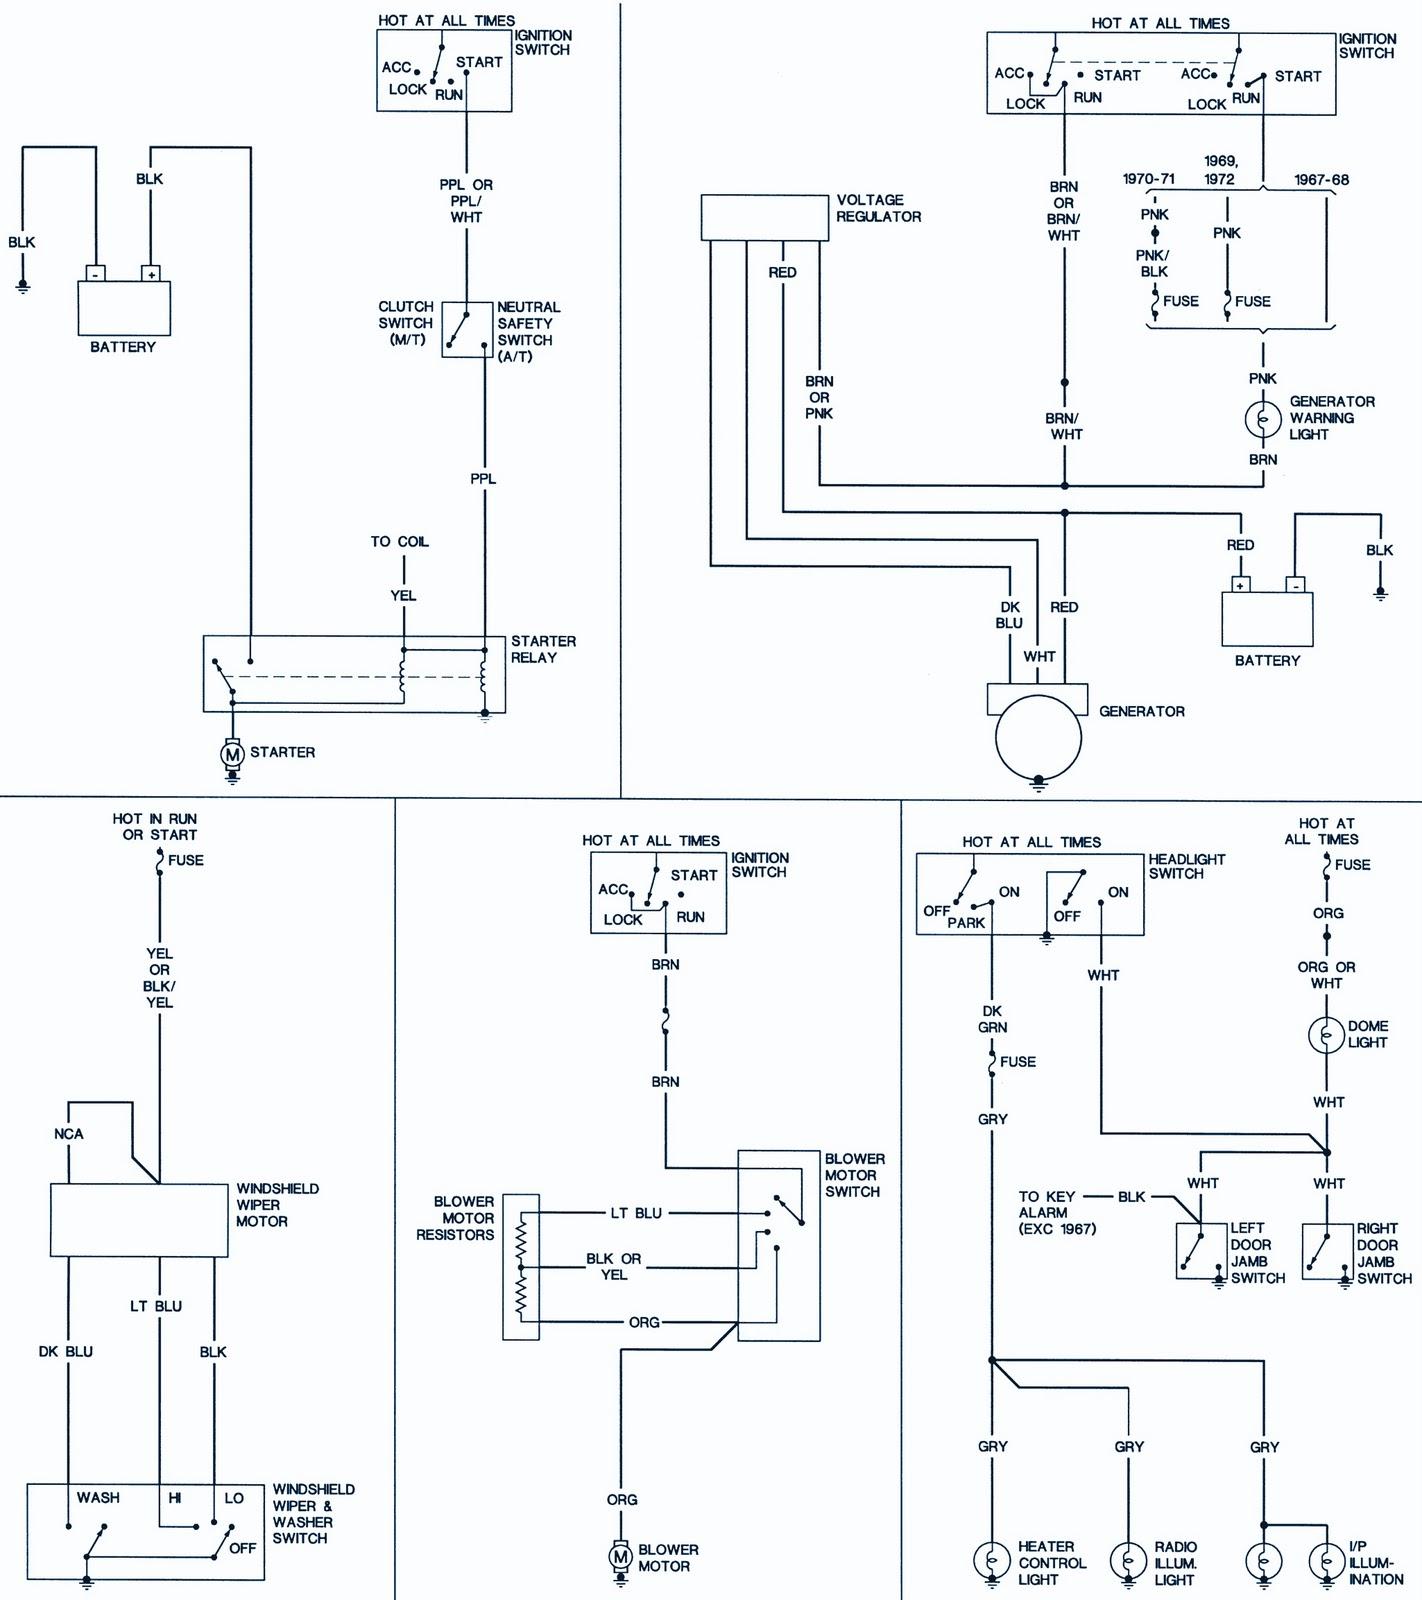 1968 Camaro Windshield Wiper Wiring Diagram - Wiring Diagram Explained - 240 Volt Well Pump Wiring Diagram